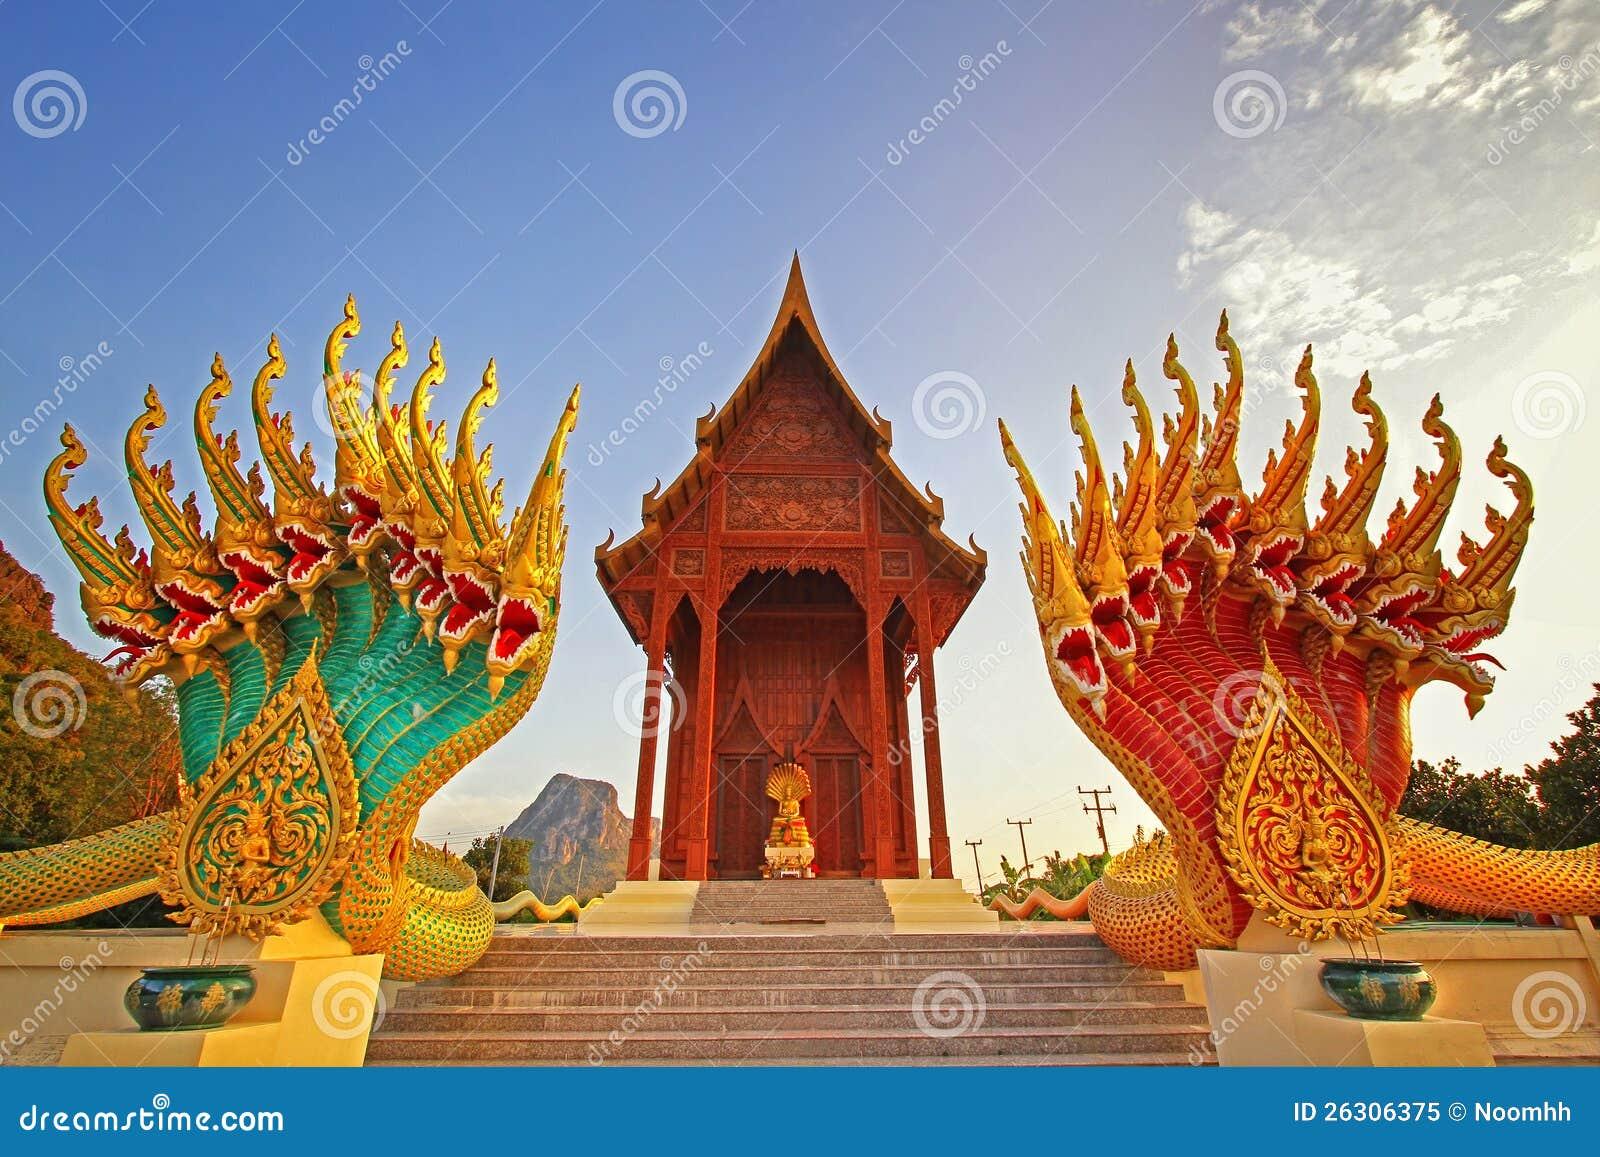 Wat Aow Noi, Thailand Royalty Free Stock Photo - Image ...